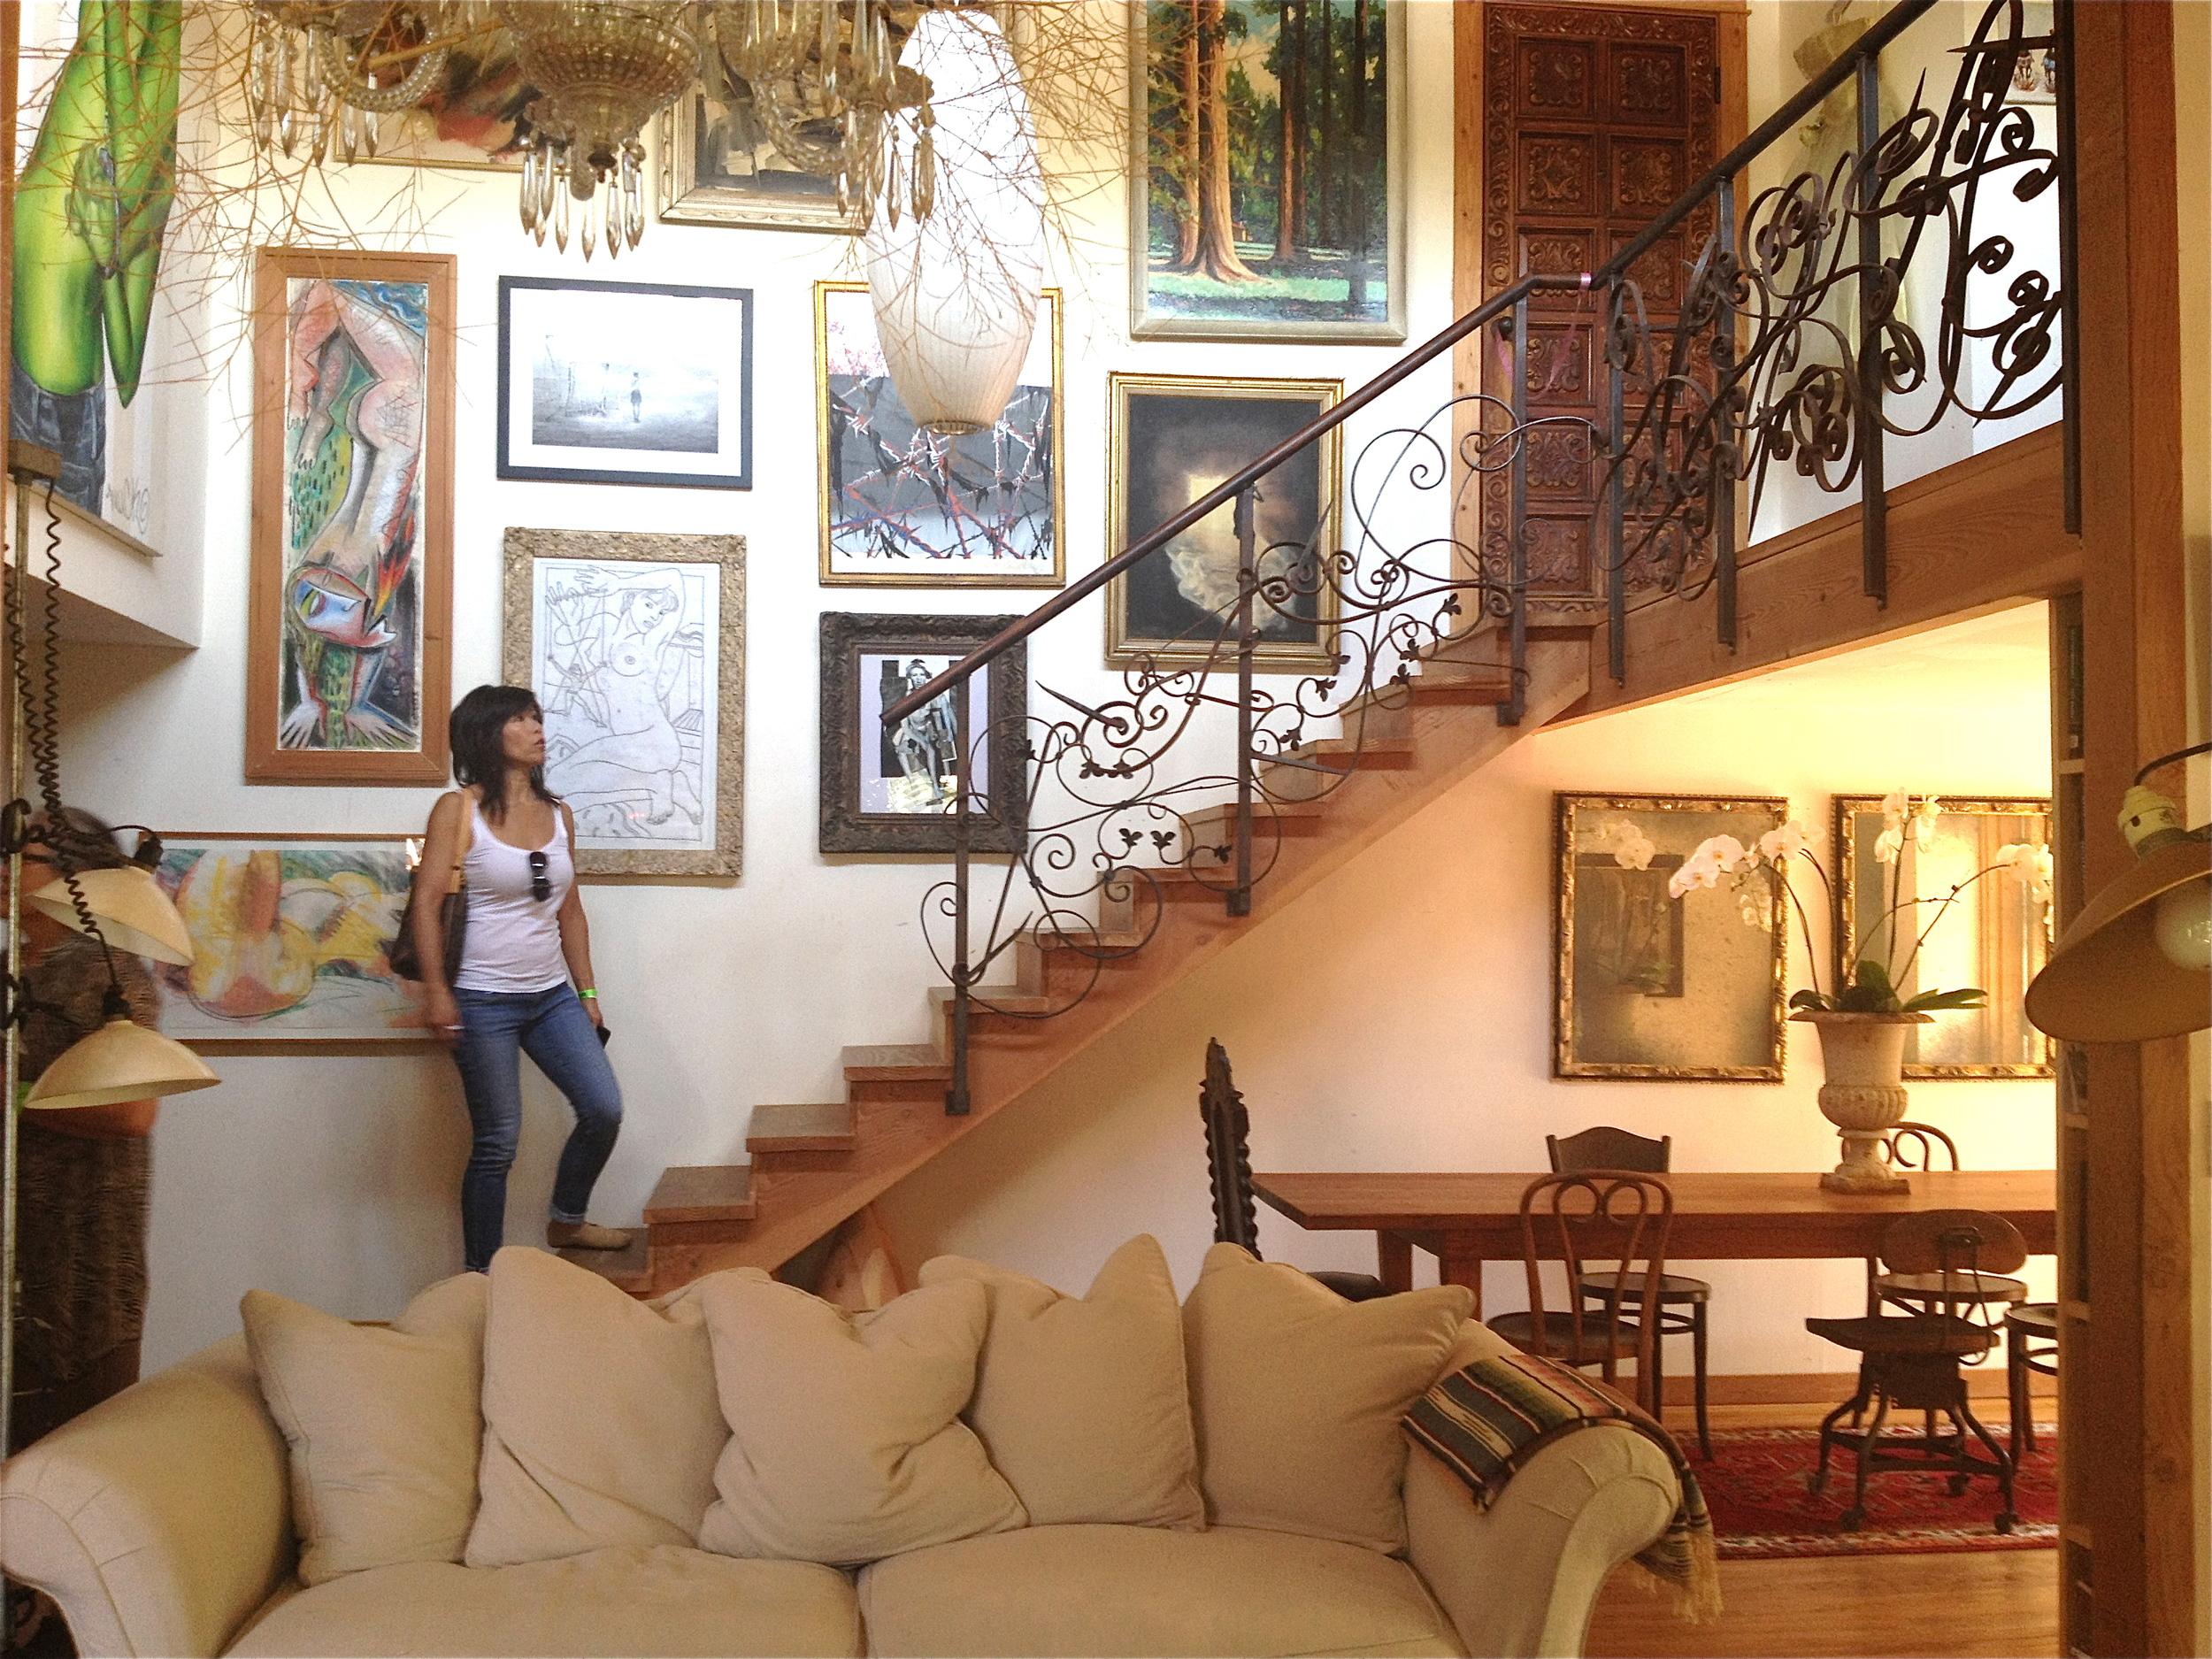 Venice Garden & Home Tour - #28 Quirky Venice